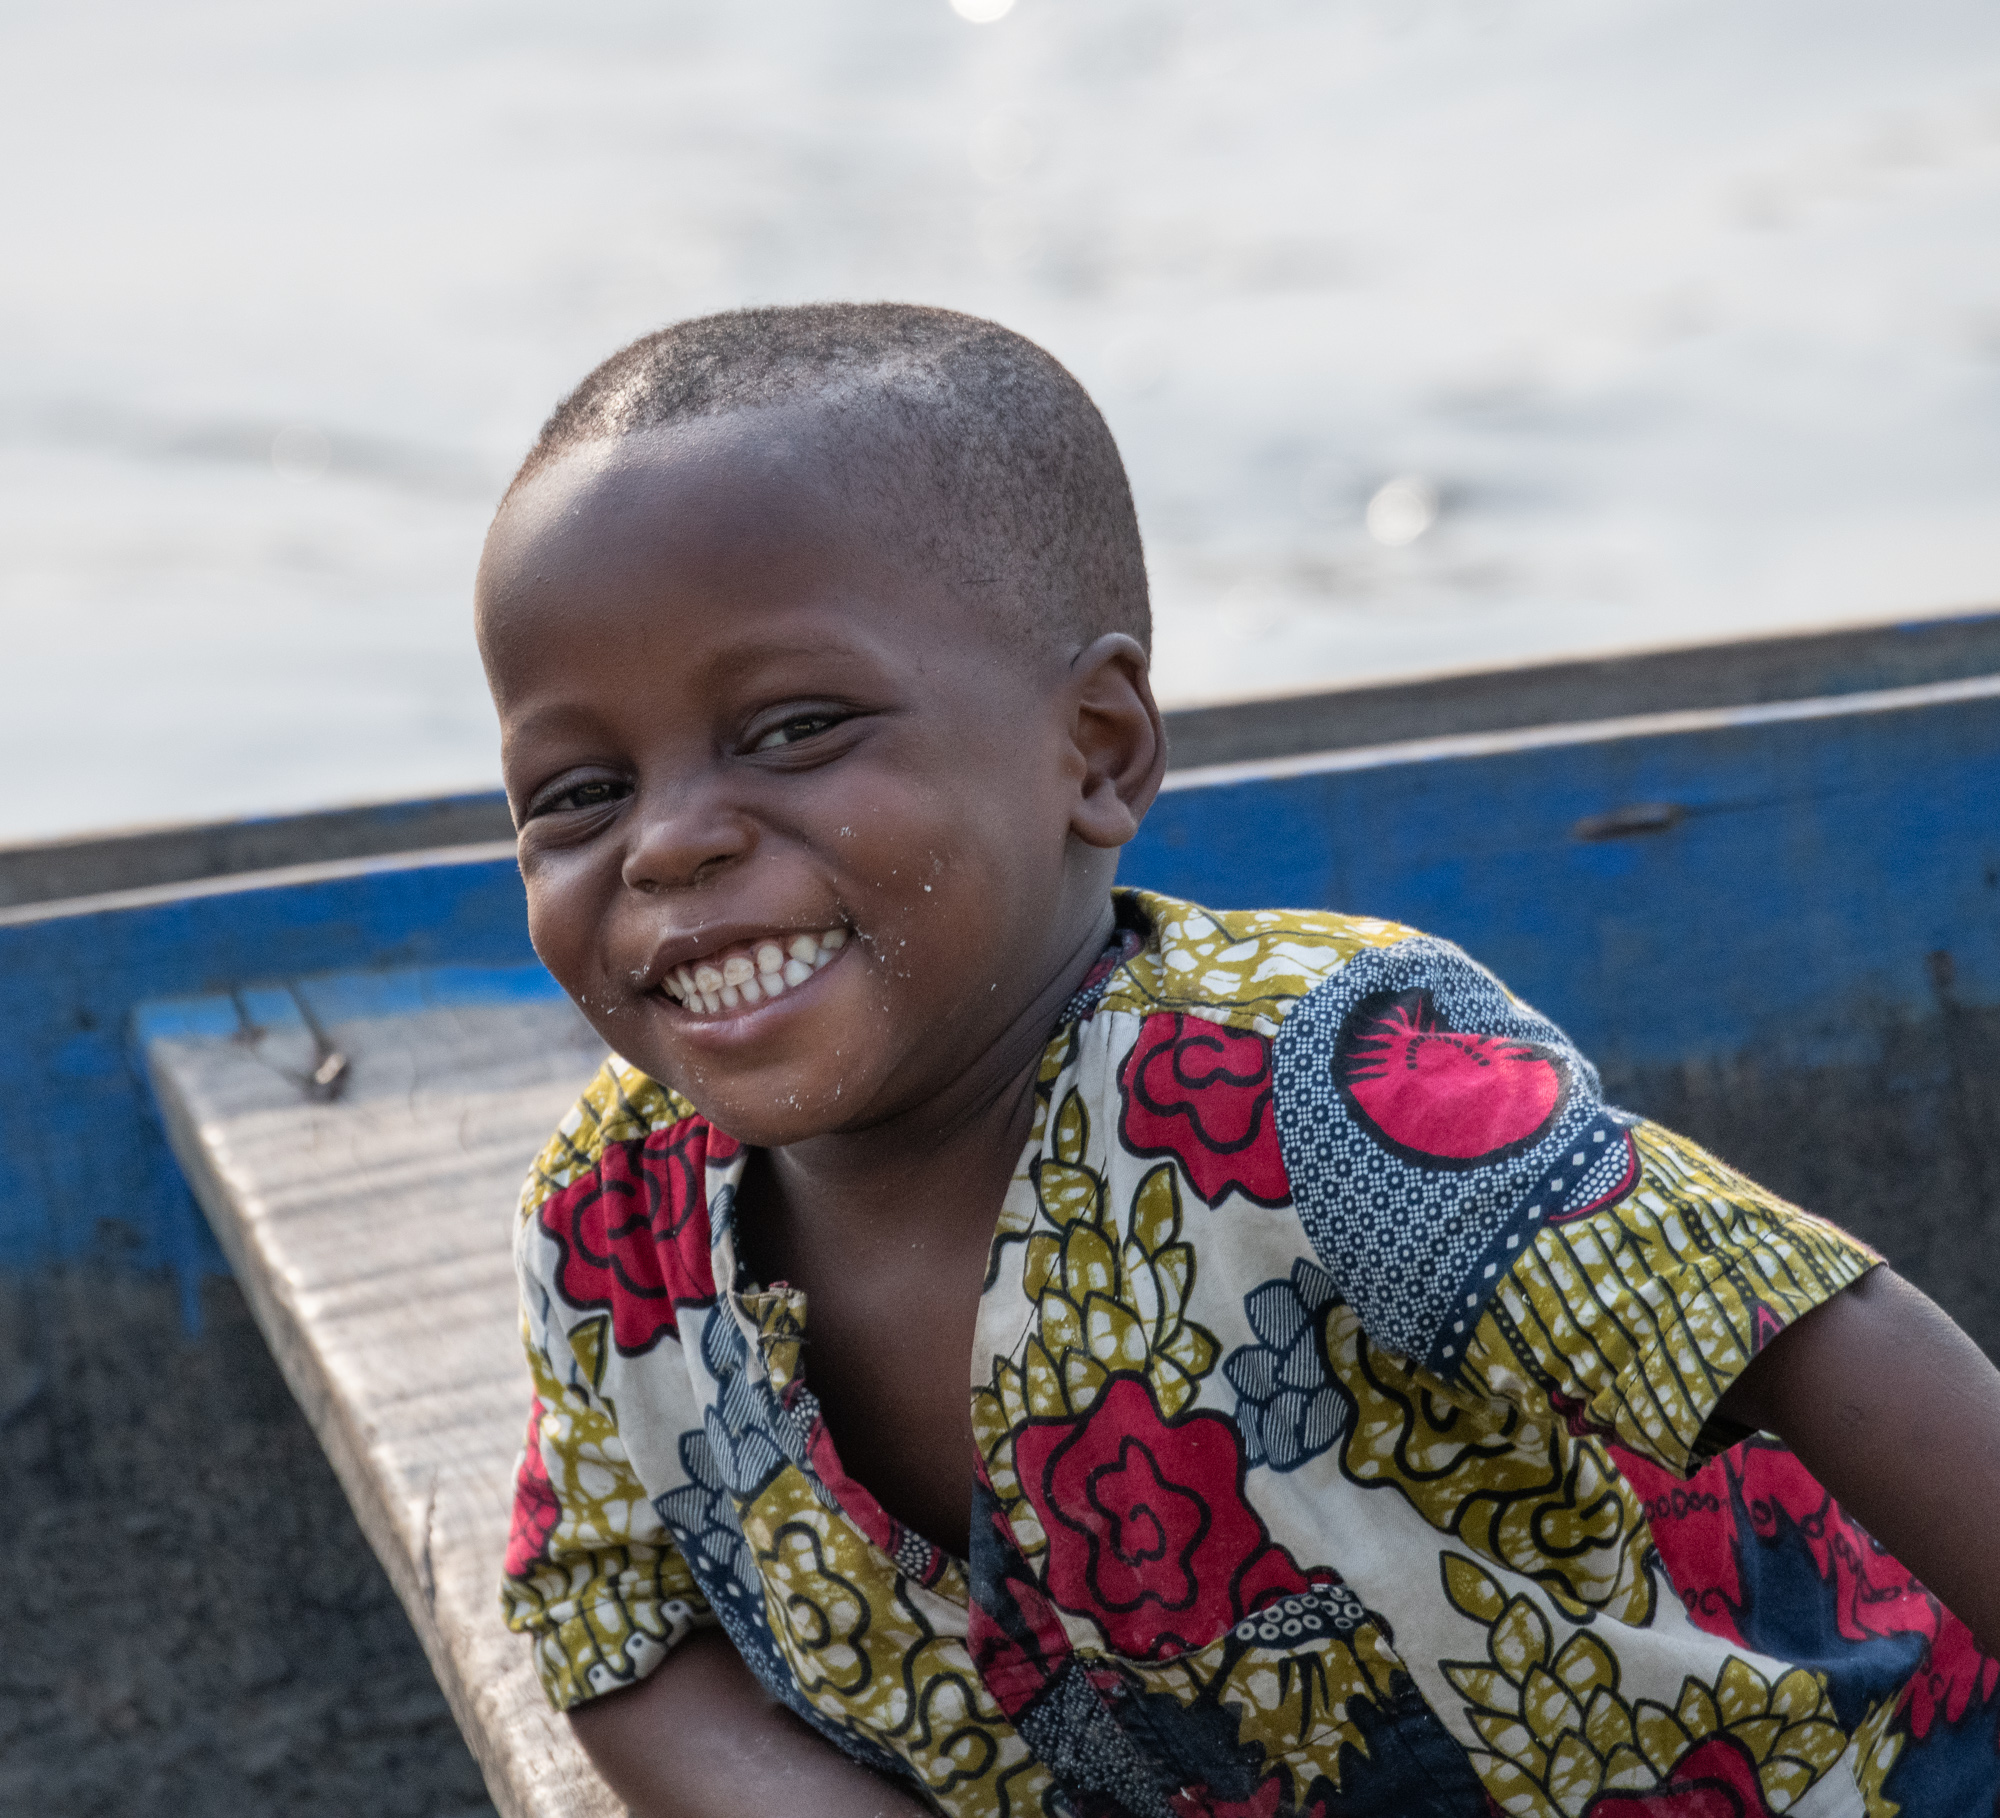 Ganvie Island, Benin. 2019